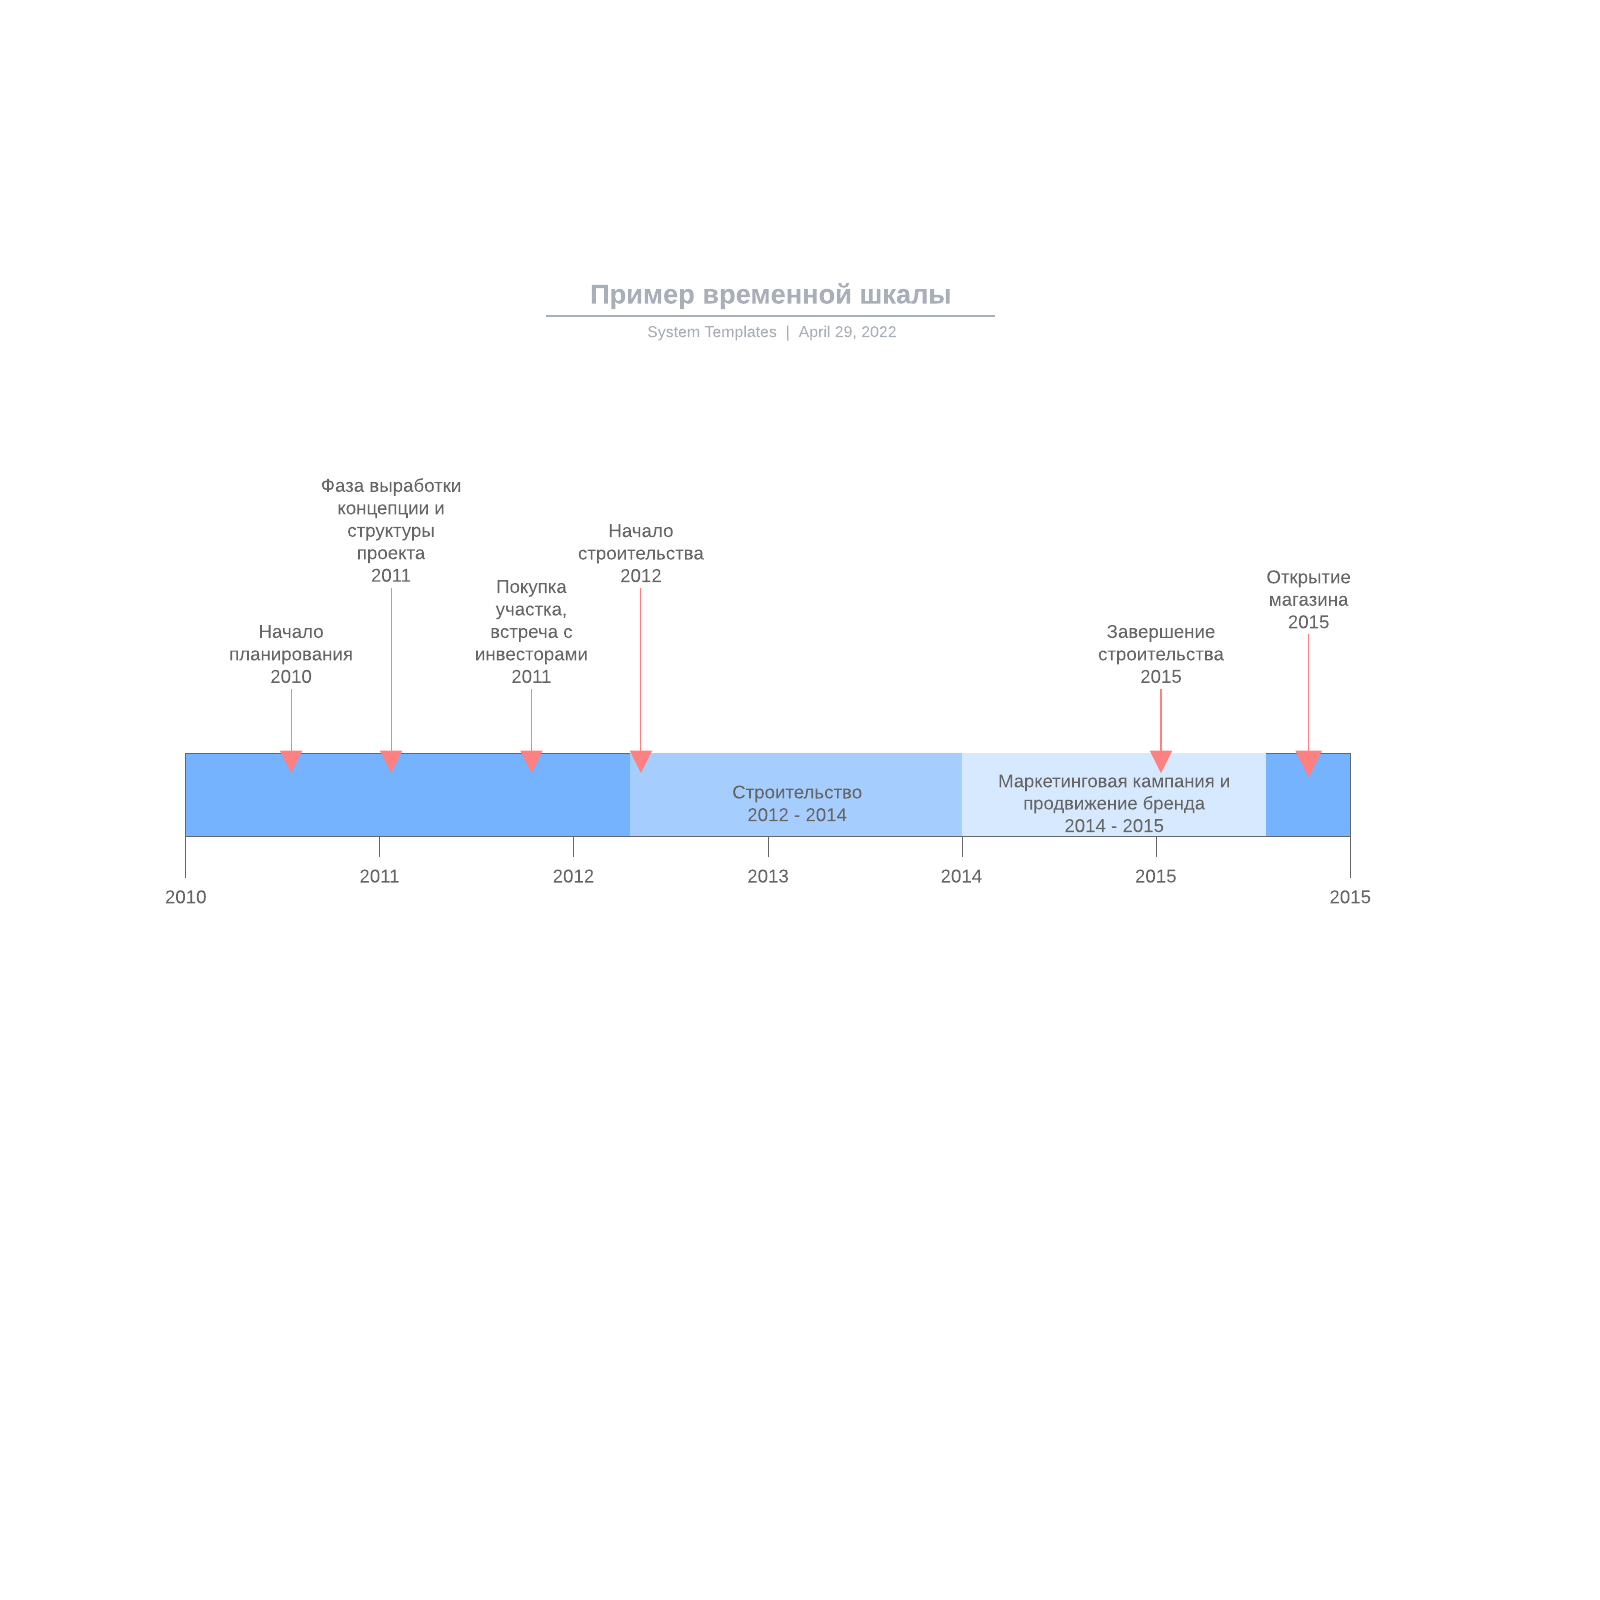 Пример временной шкалы